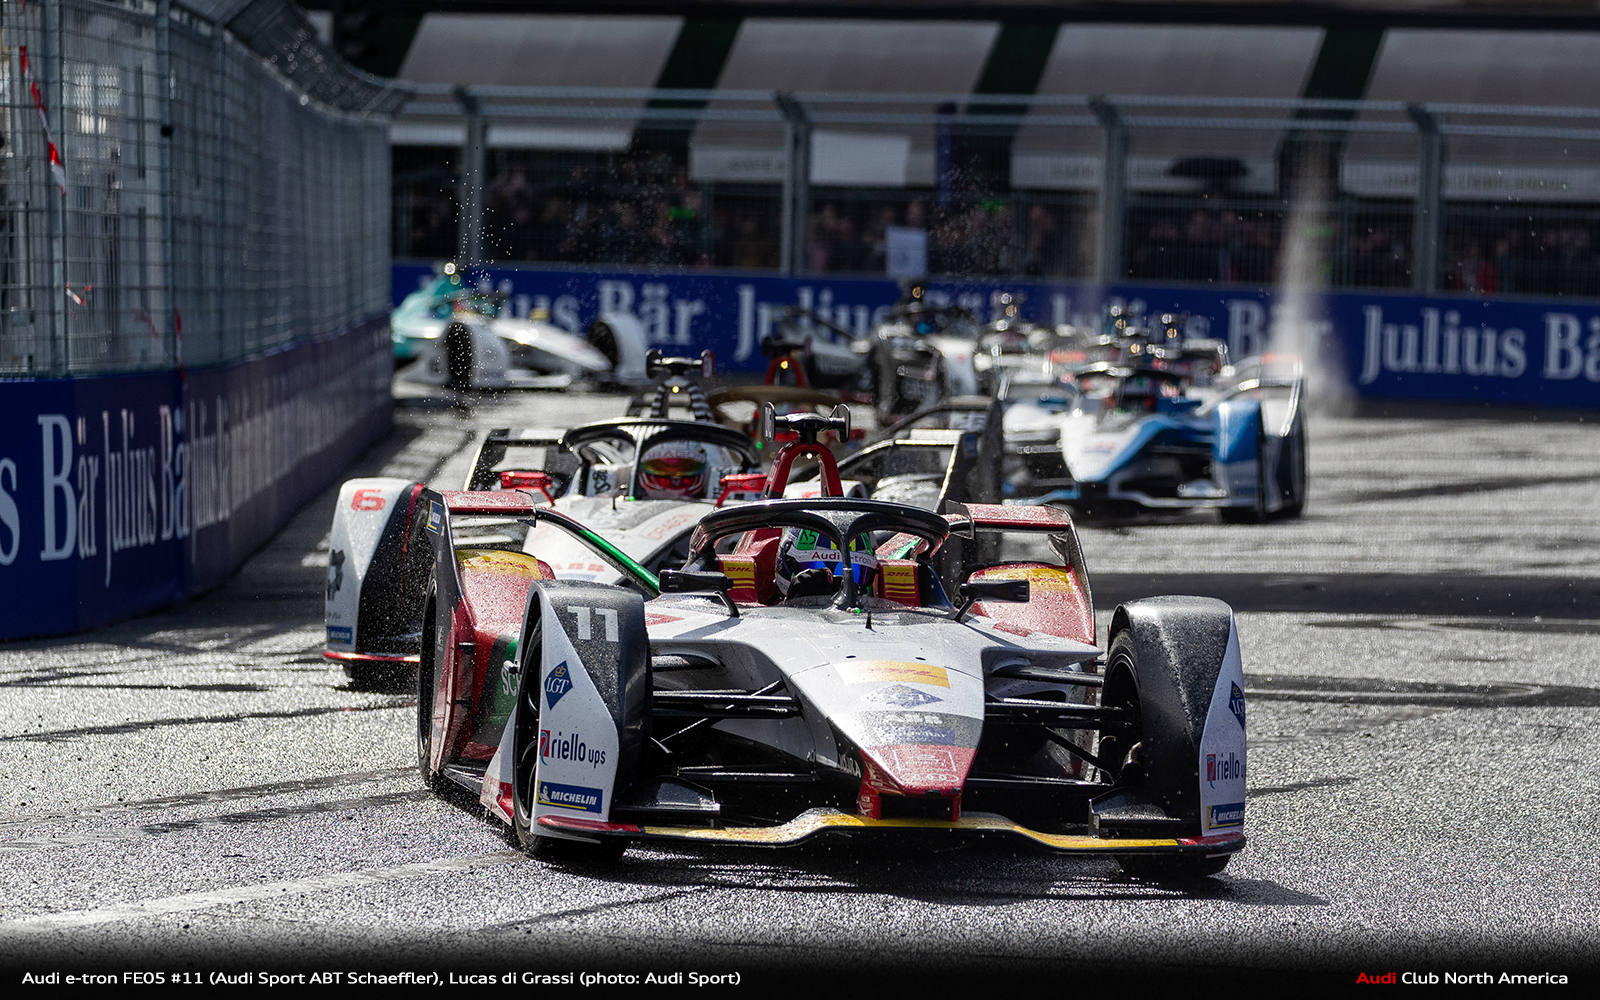 Audi Looks Forward to Formula E Highlight in Monaco